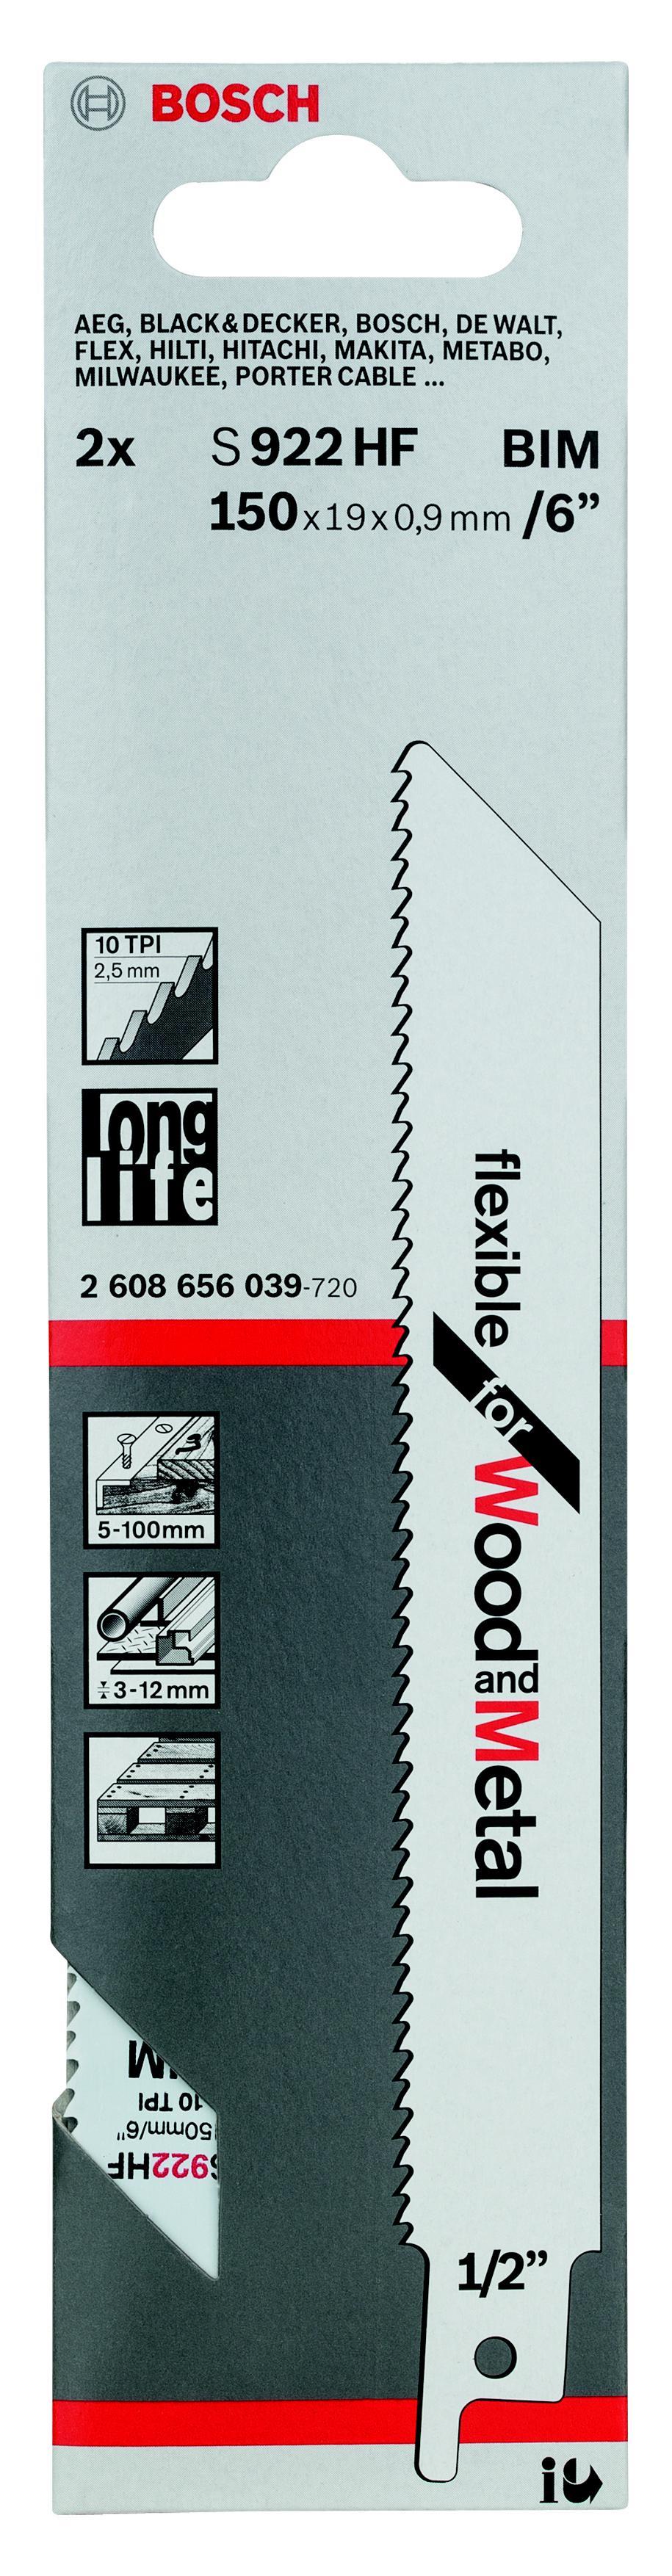 Купить Полотно для сабельной пилы Bosch S 922 hf (2.608.656.039)